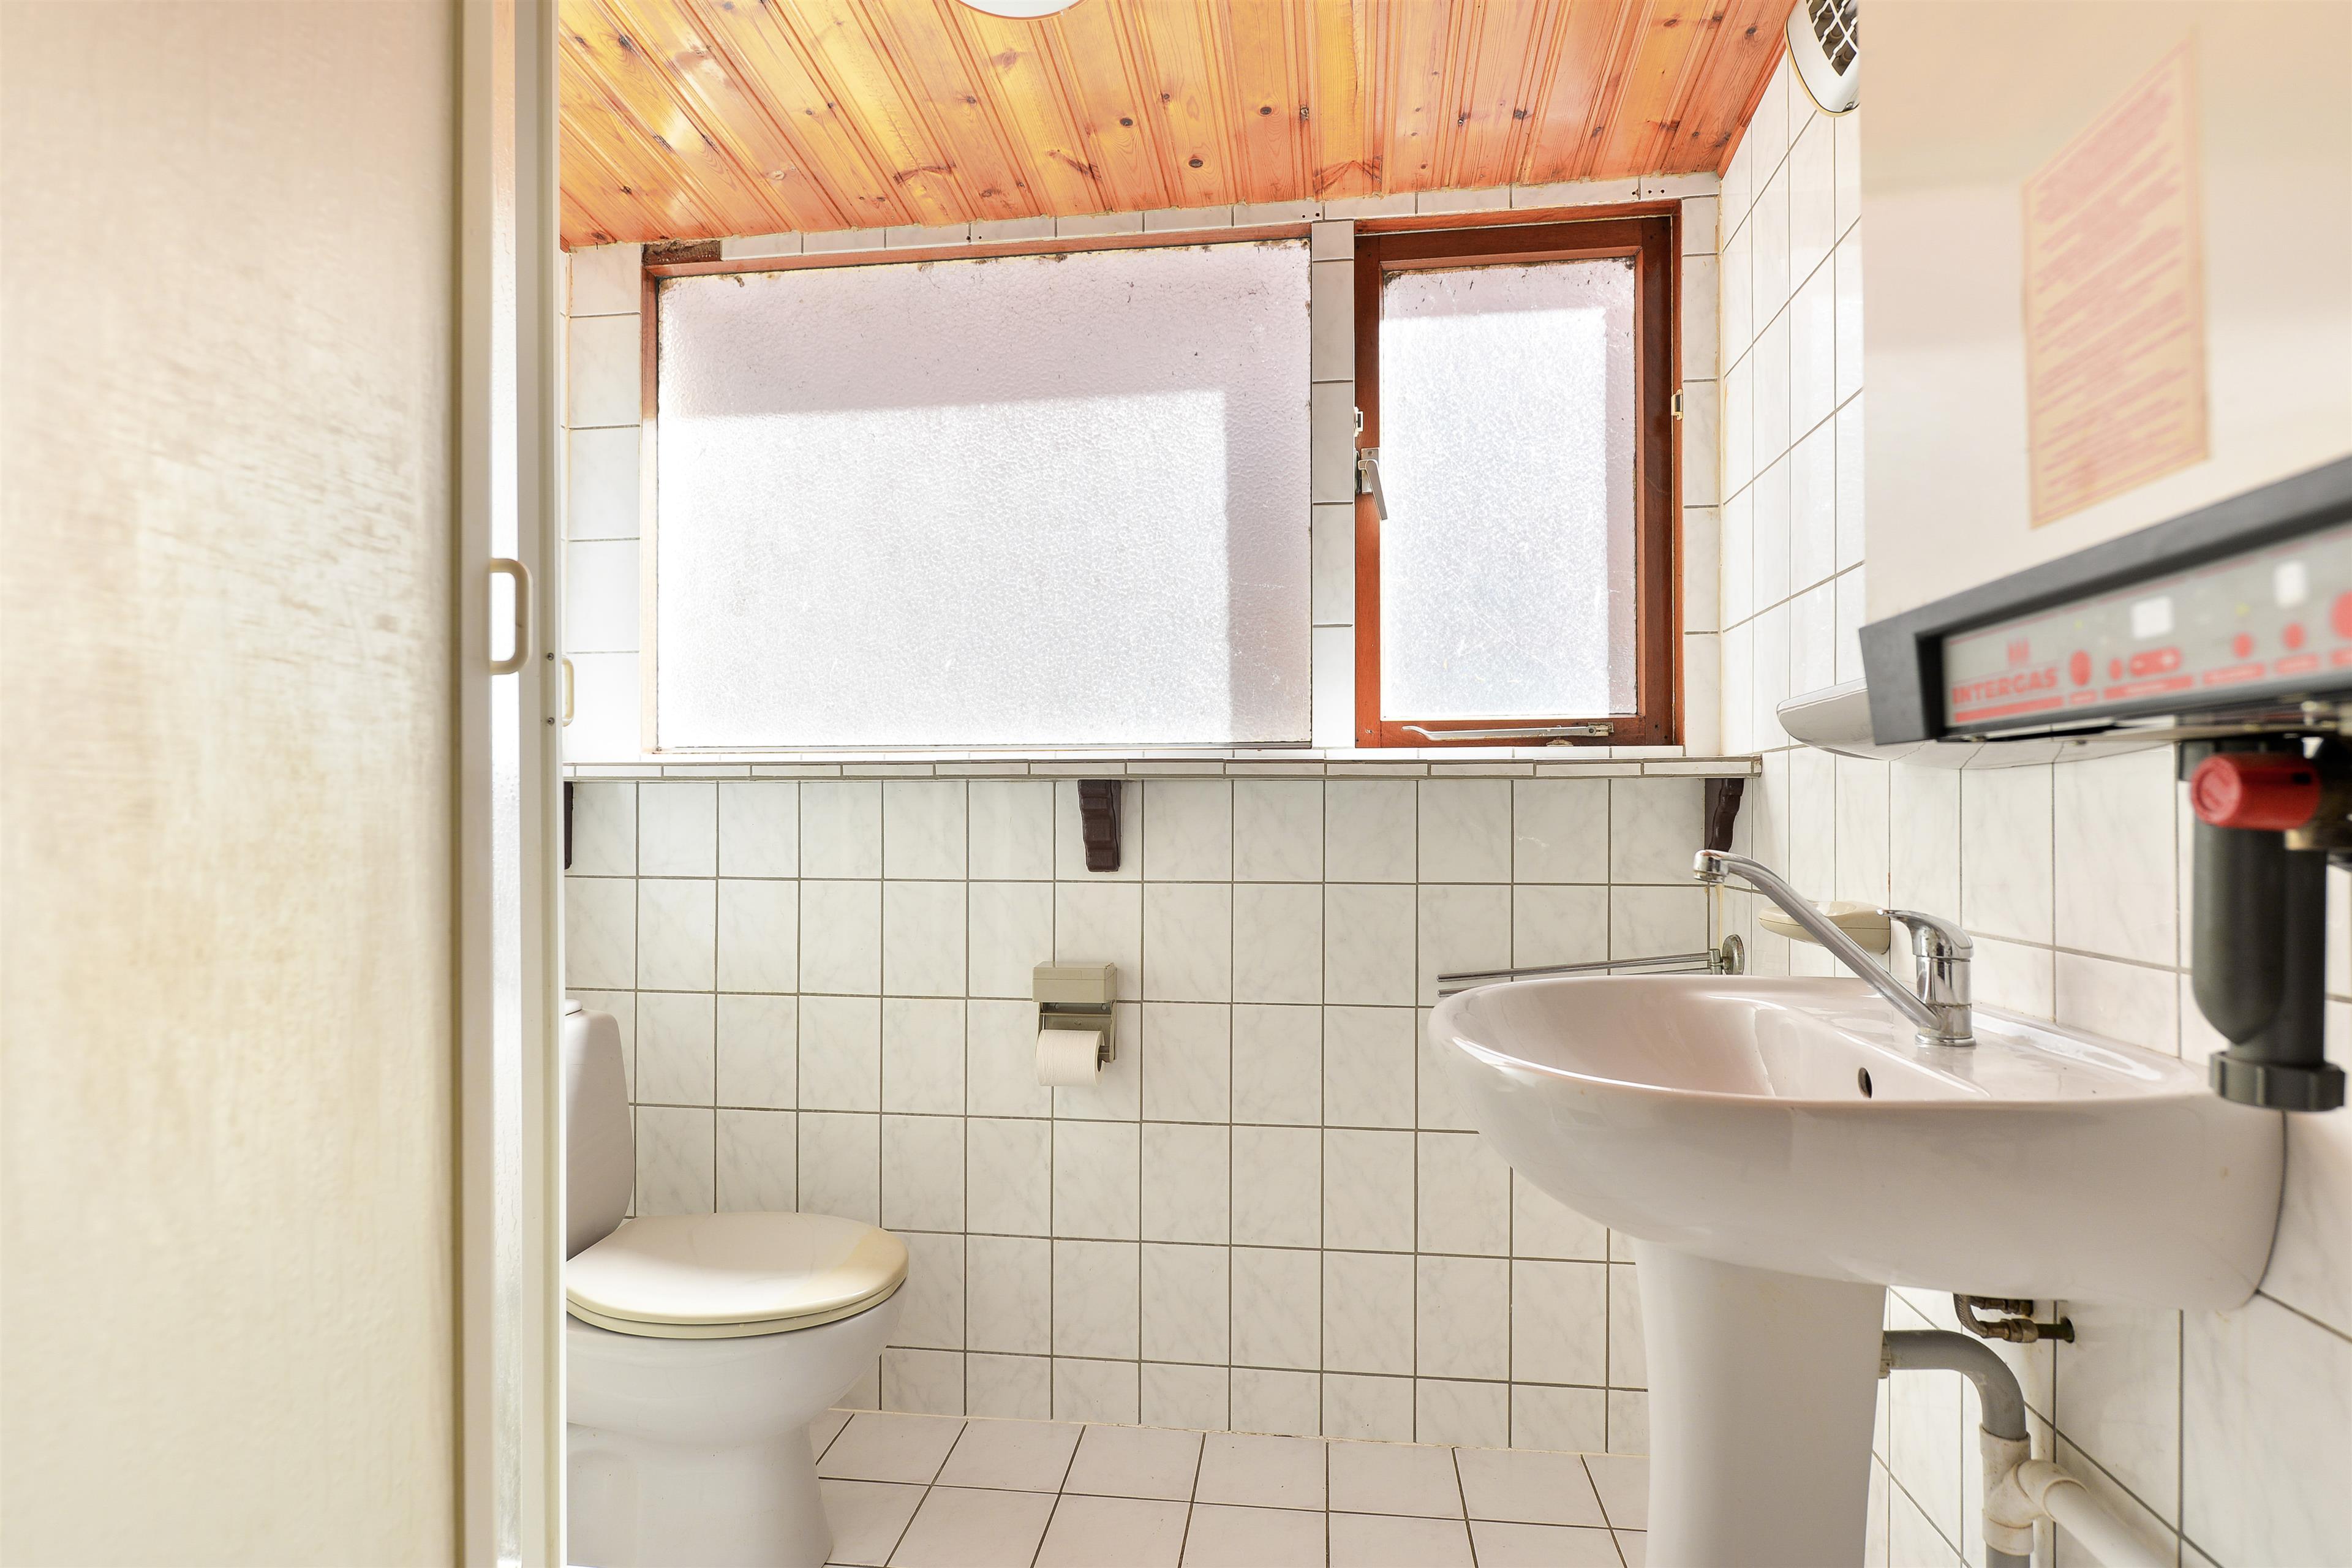 Te koop havenweg 20 enkhuizen hoekstra en van eck m r makelaar - Functionele badkamer ...